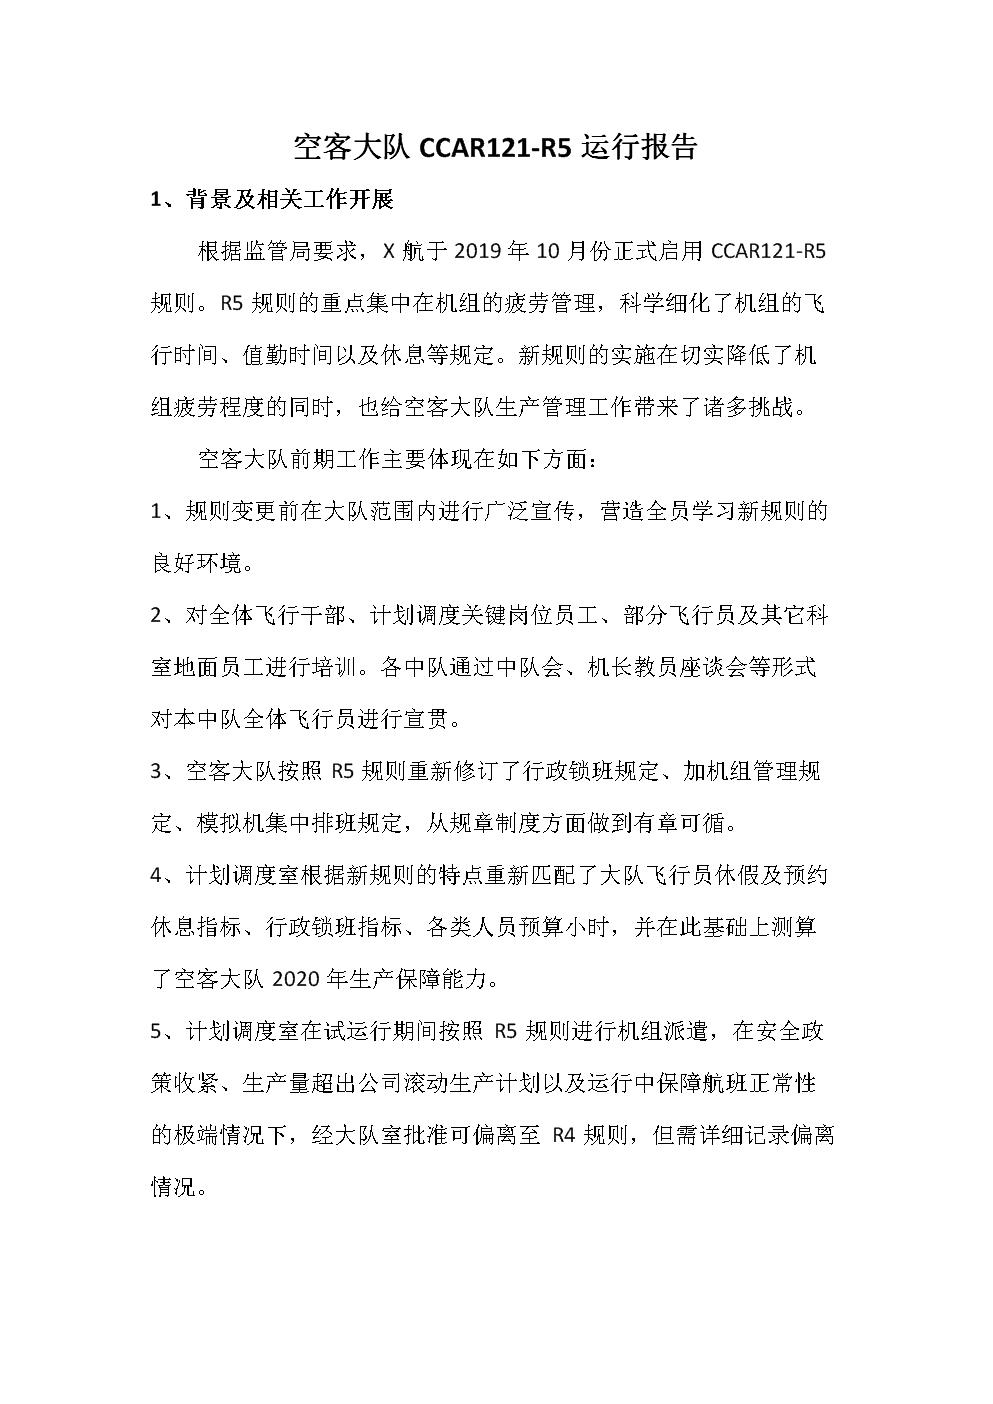 空客大队CCAR121R5运行报告.doc